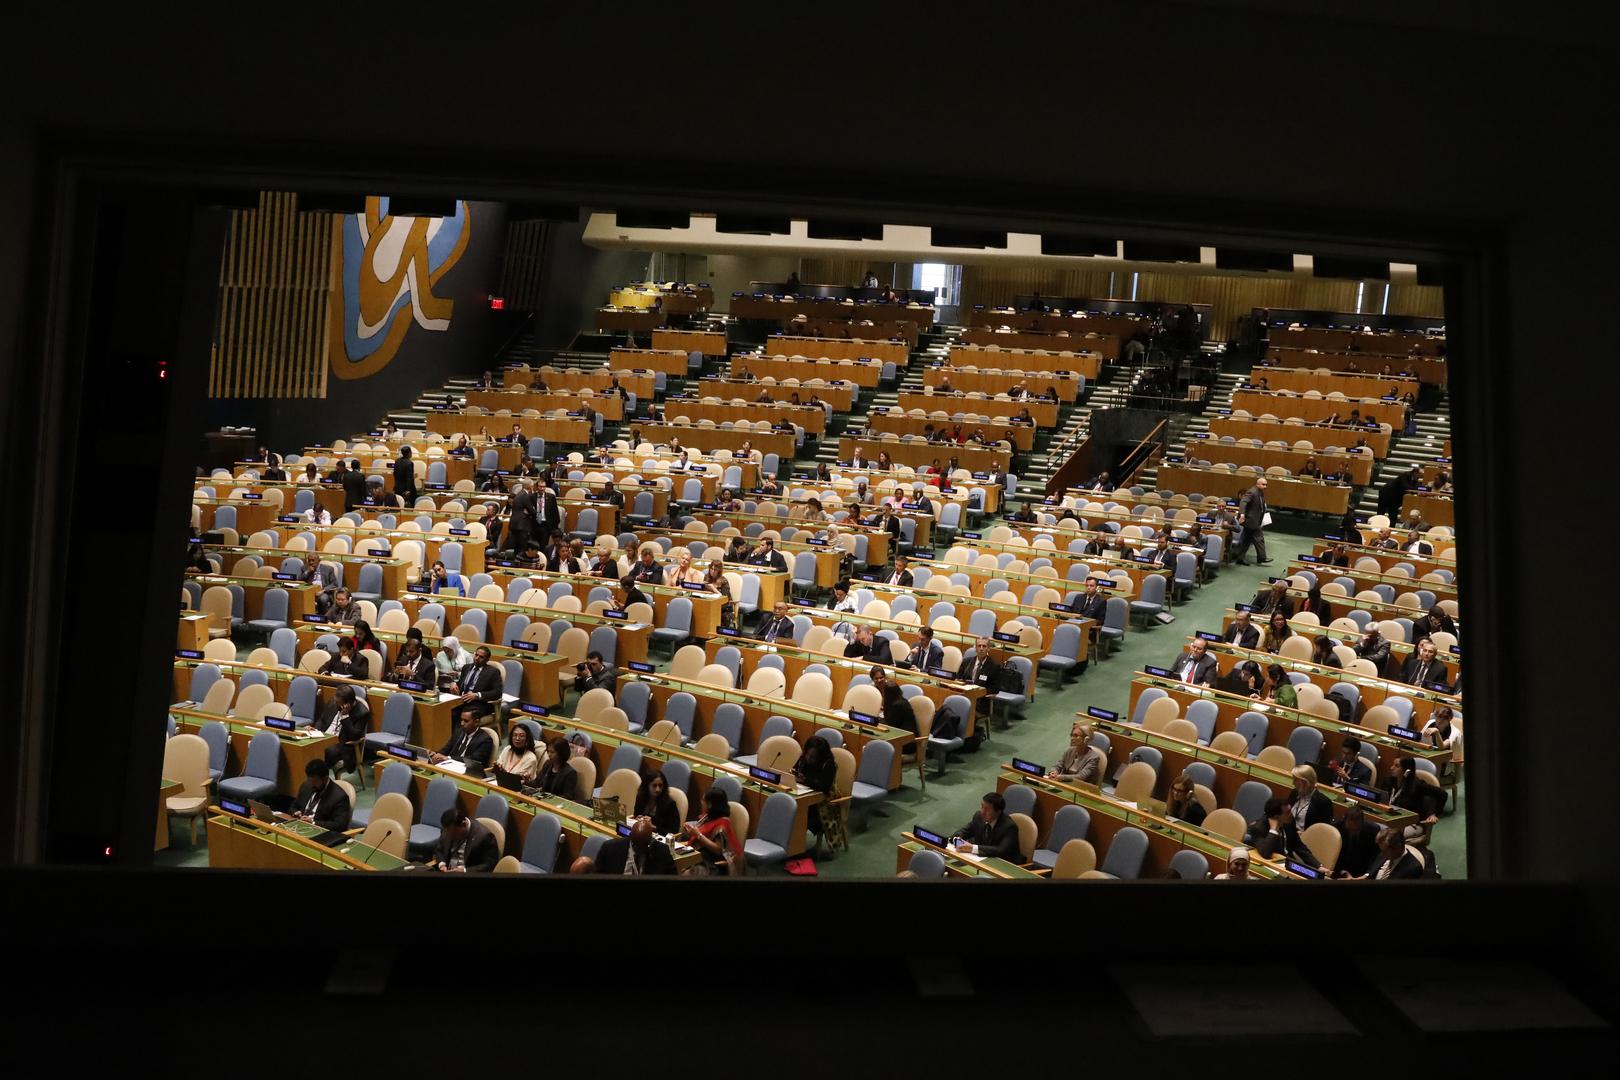 الجمعية العامة للأمم المتحدة تدعو لإنشاء منطقة خالية من